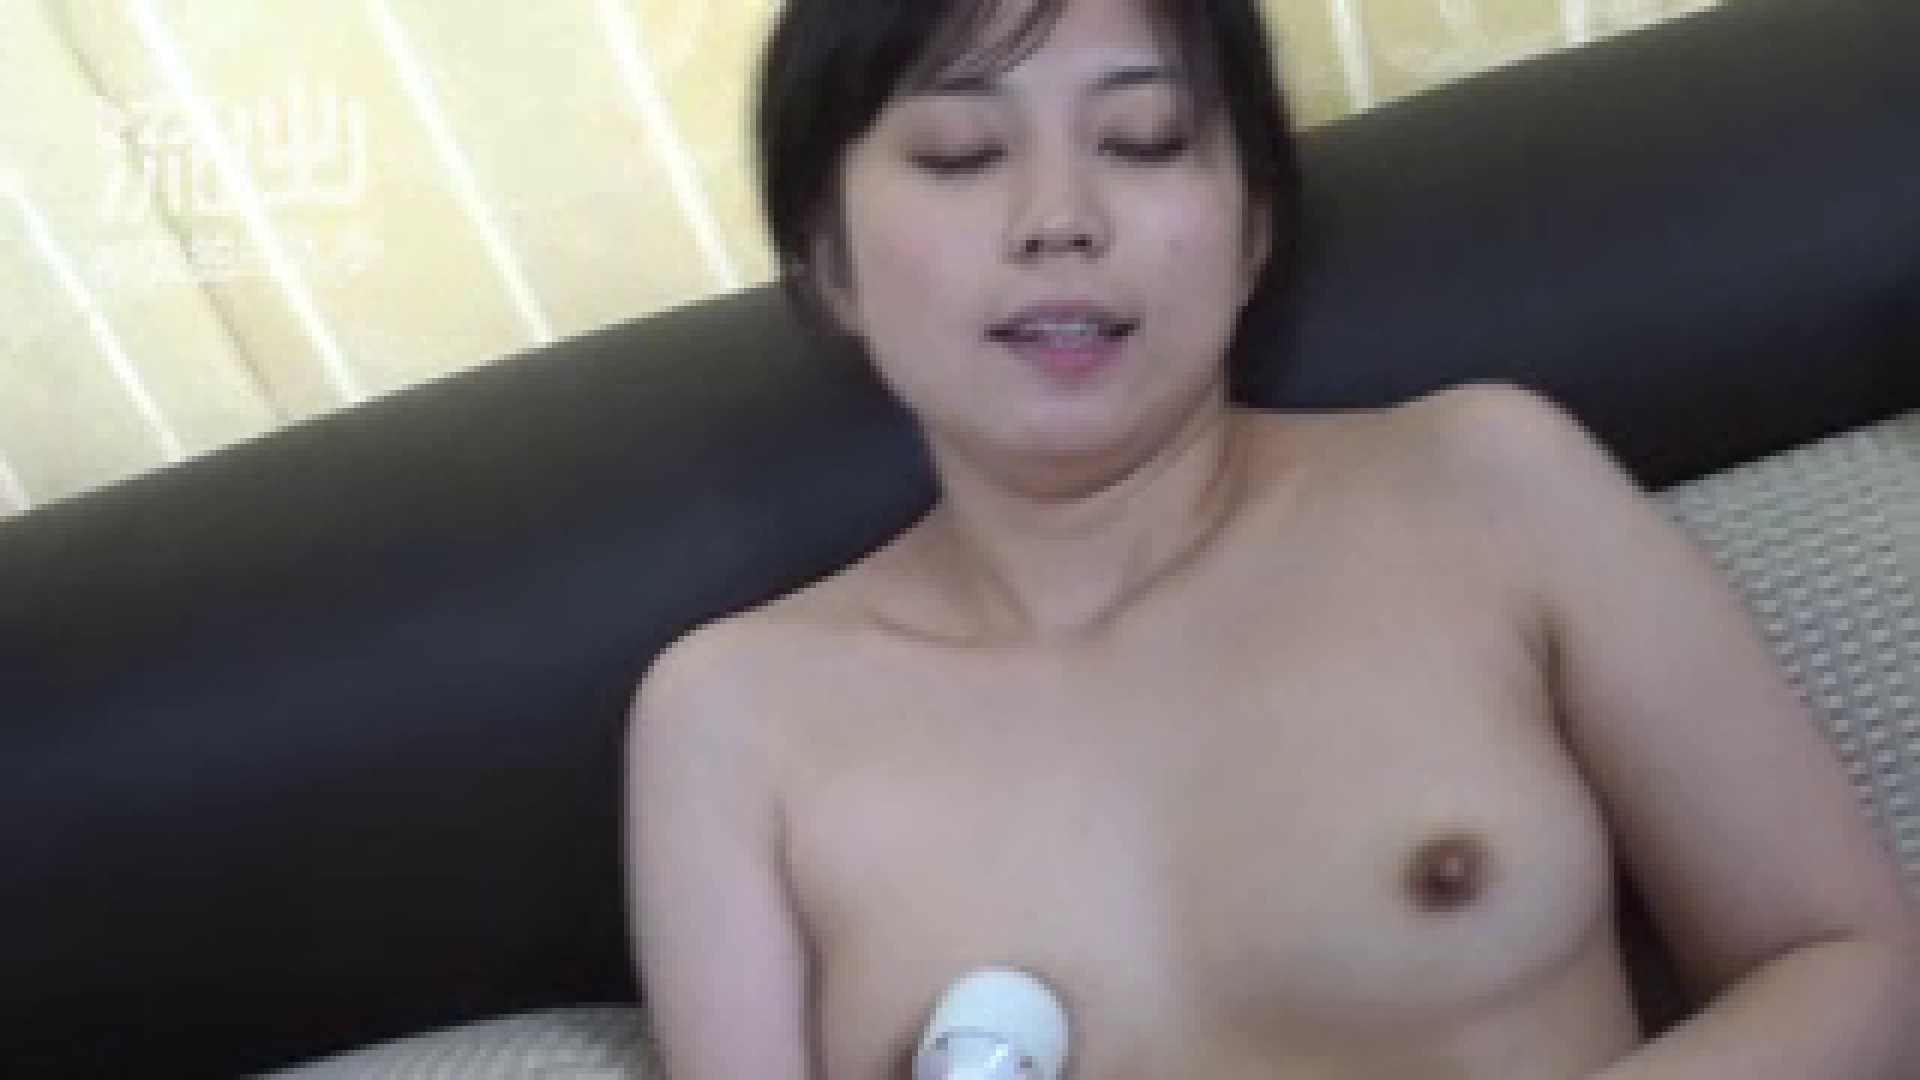 素人流出動画 都内在住マモルくんのファイルvol.6 オナニー覗き見 SEX無修正画像 92pic 83